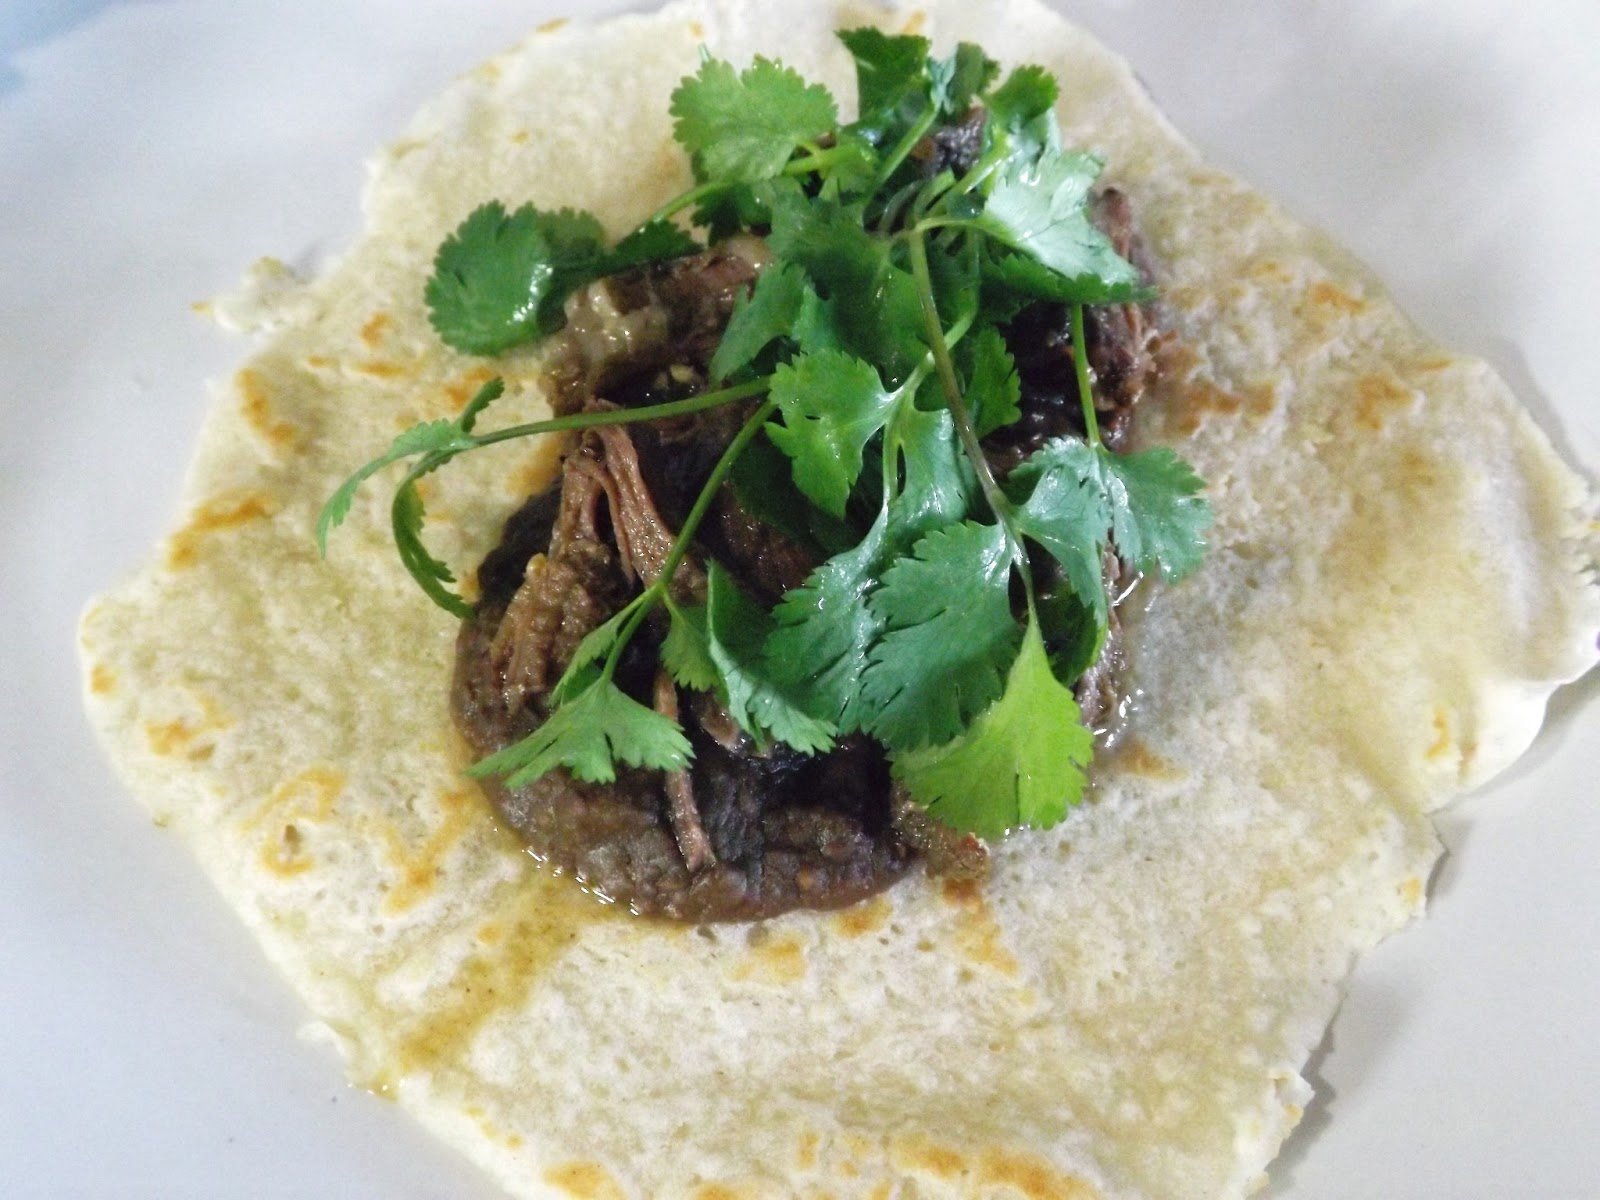 Epic Shredded Beef Soft Tacos, gluten free - Skinny GF Chef healthy ...